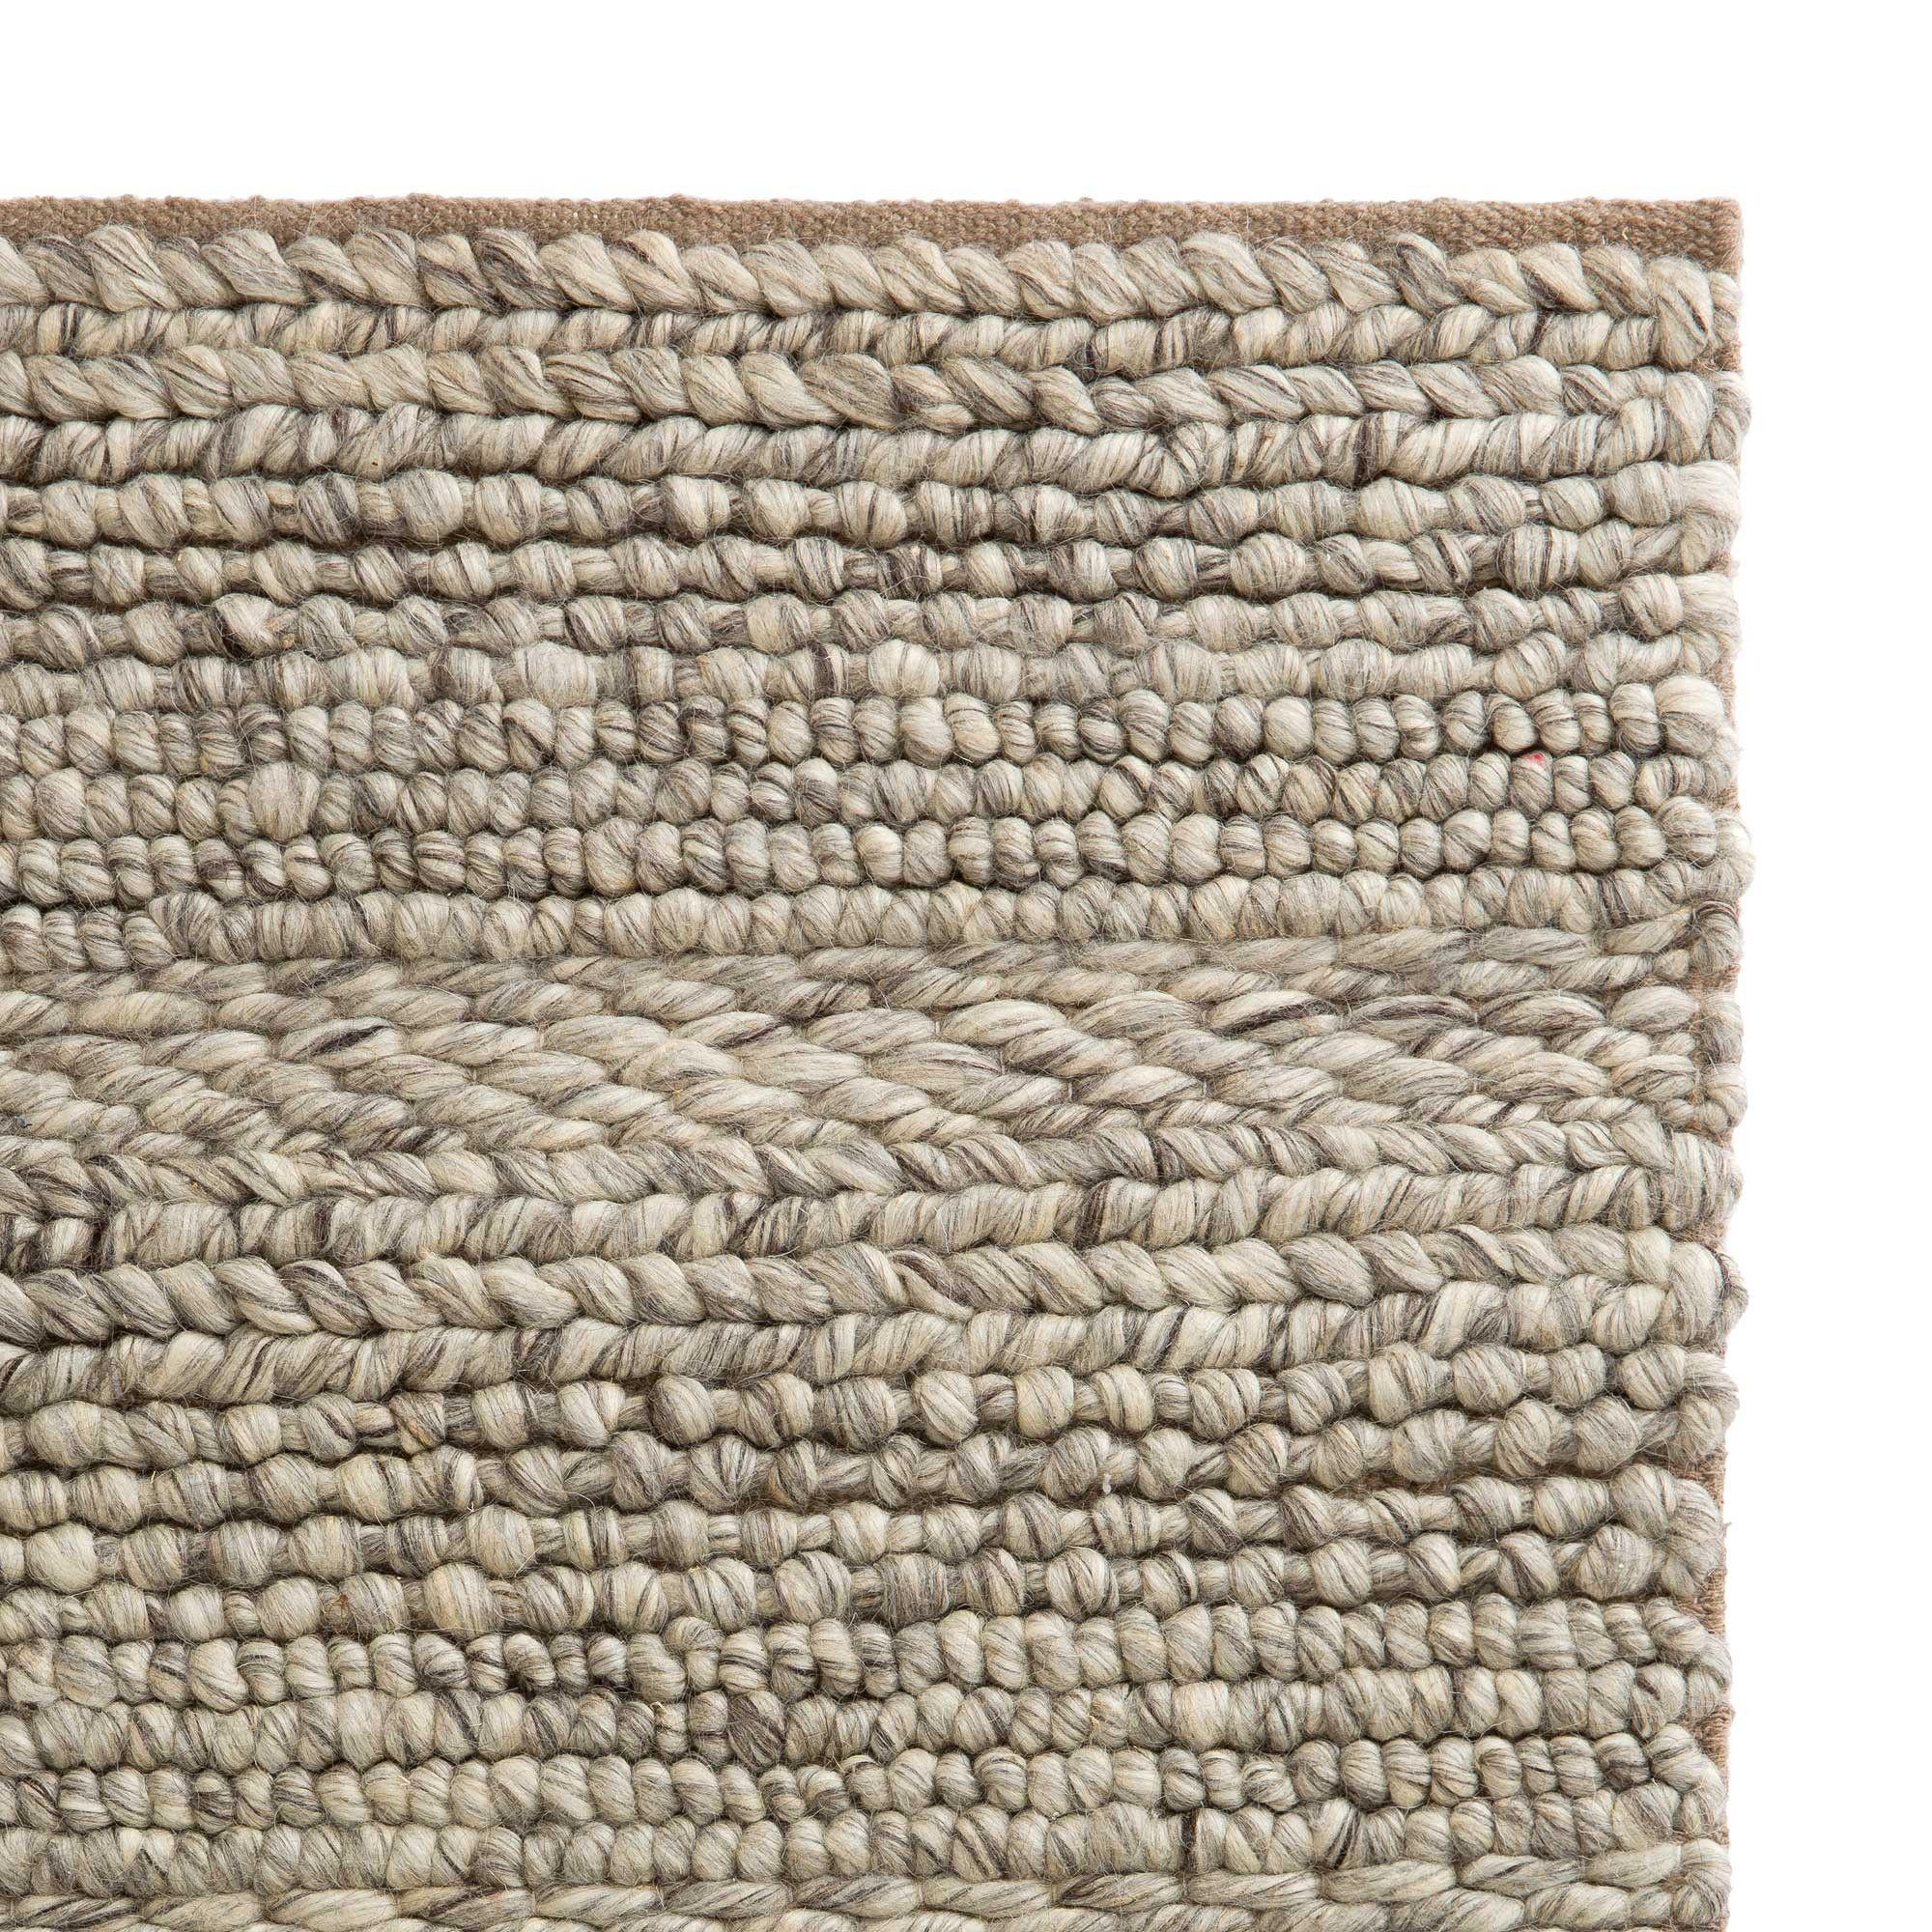 Gemutlichkeit Zu Hause Weicher Teppich: Anthrazit